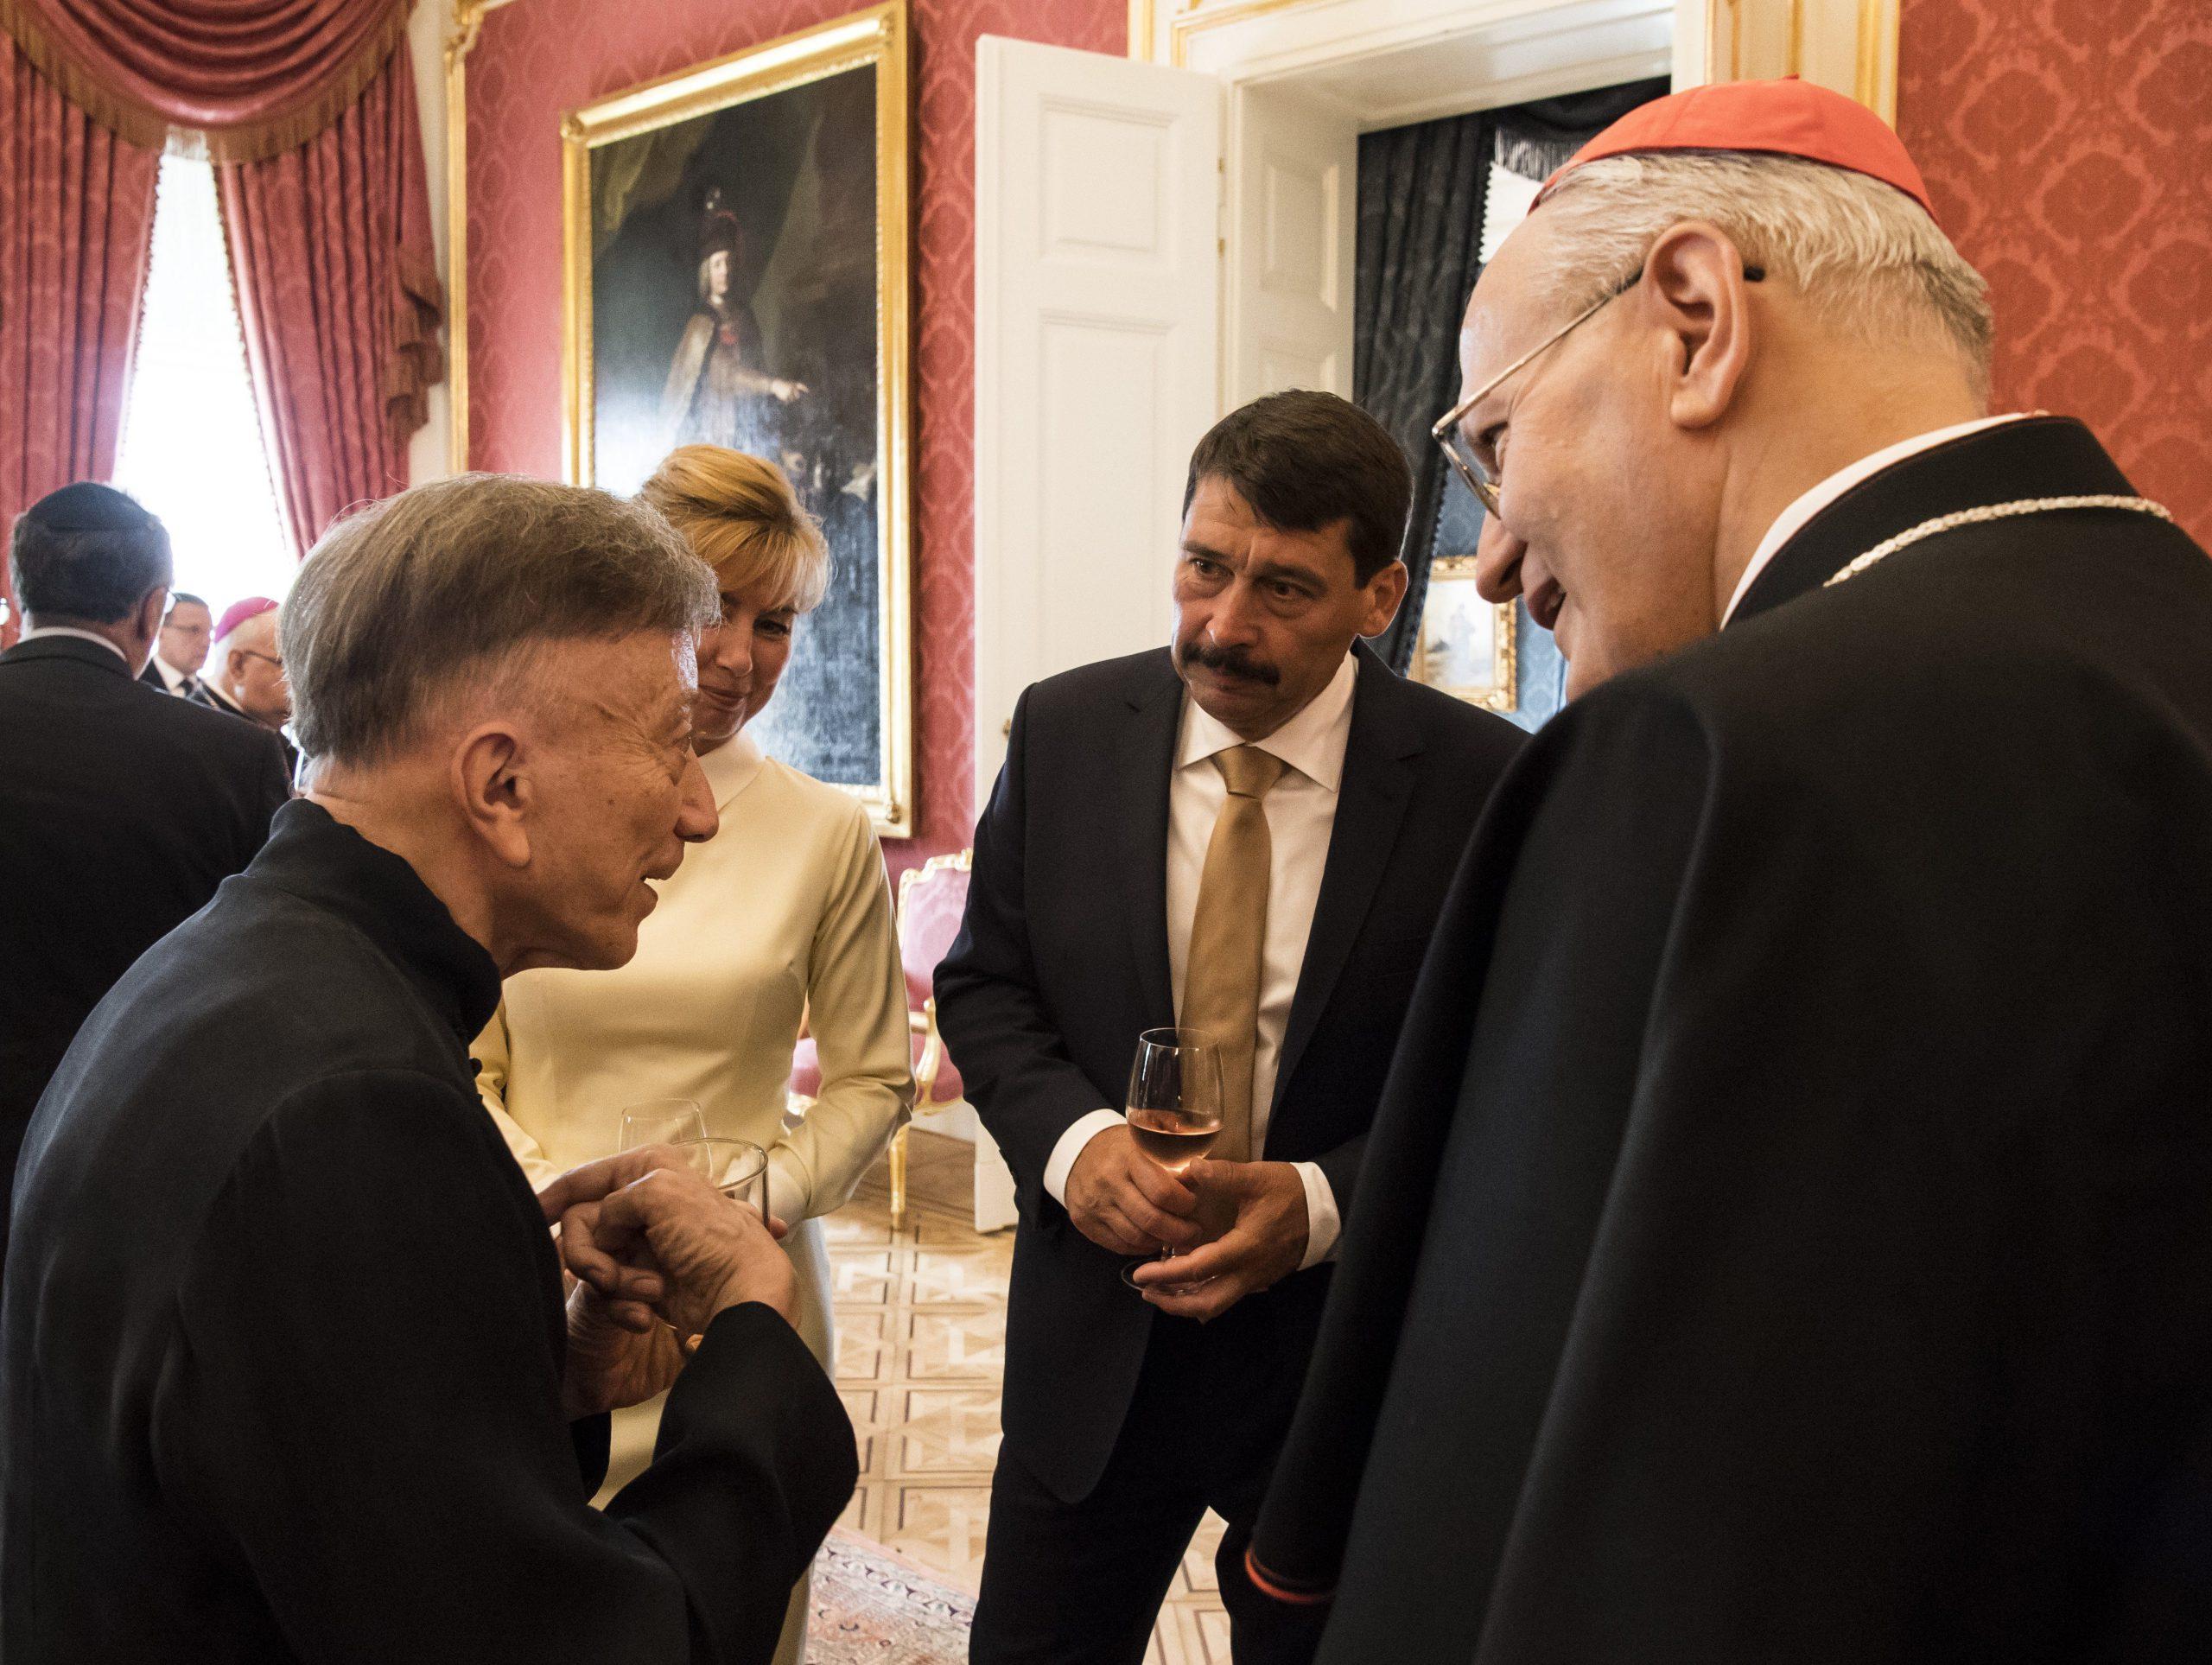 Erdő Péter és Vásáry Tamás vehette át a Szent István Rend díjat